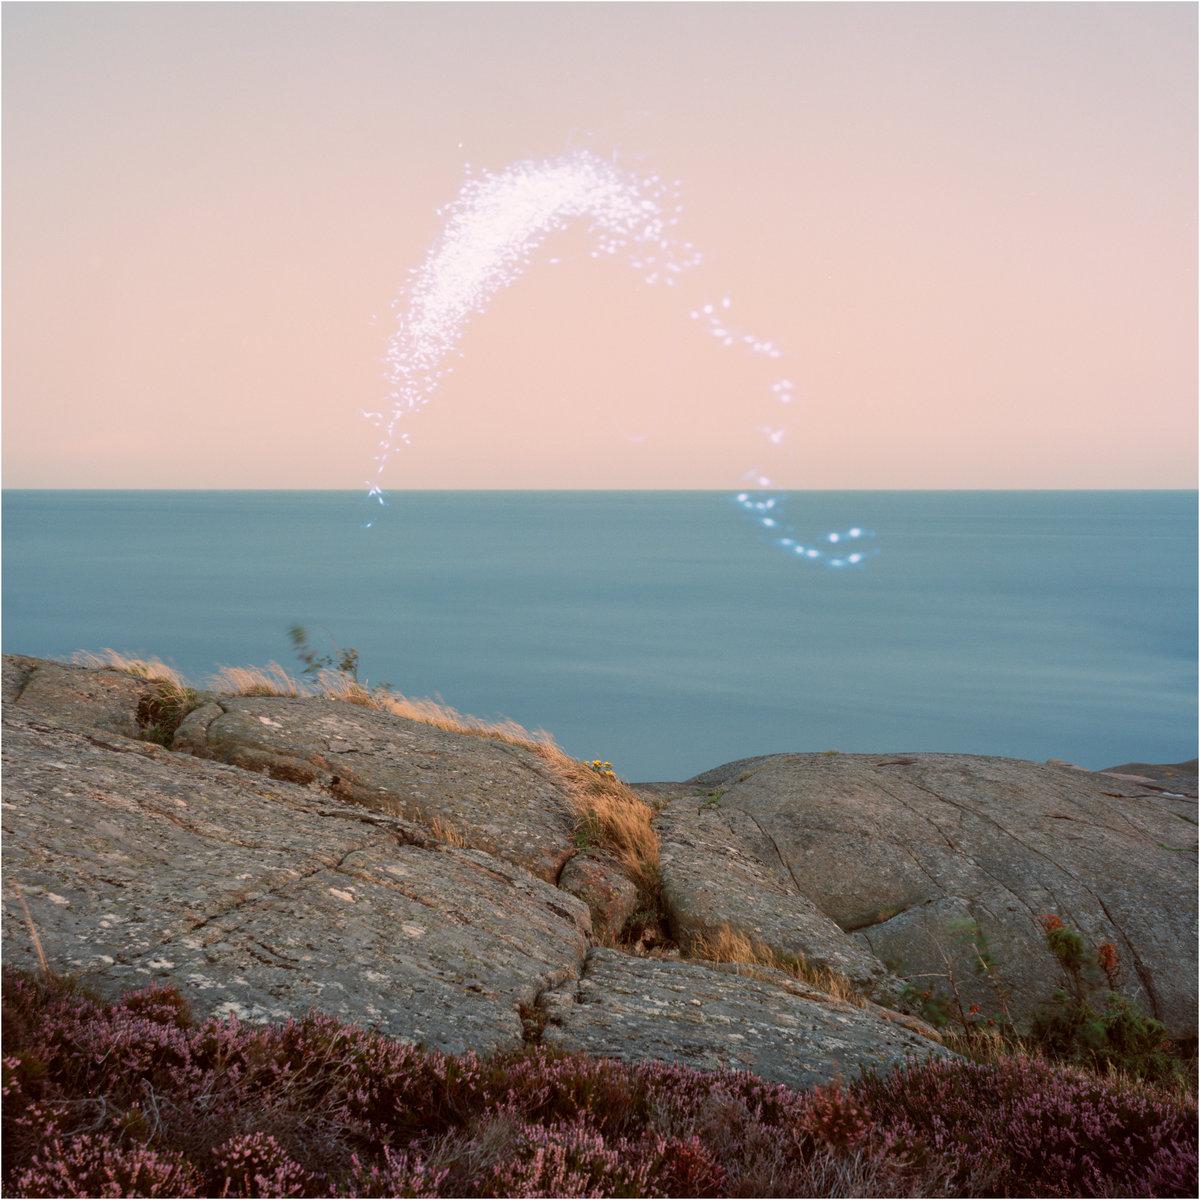 Capa do disco An Overview on Phenomenal Nature, da cantora Cassandra Jenkins. A foto é uma paisagem marinha. O céu é rosa, o mar, azul. Vemos as pedras marrons tomarem parte da imagem e um esguichar branco forma um S deitado acima do mar. Está de dia.